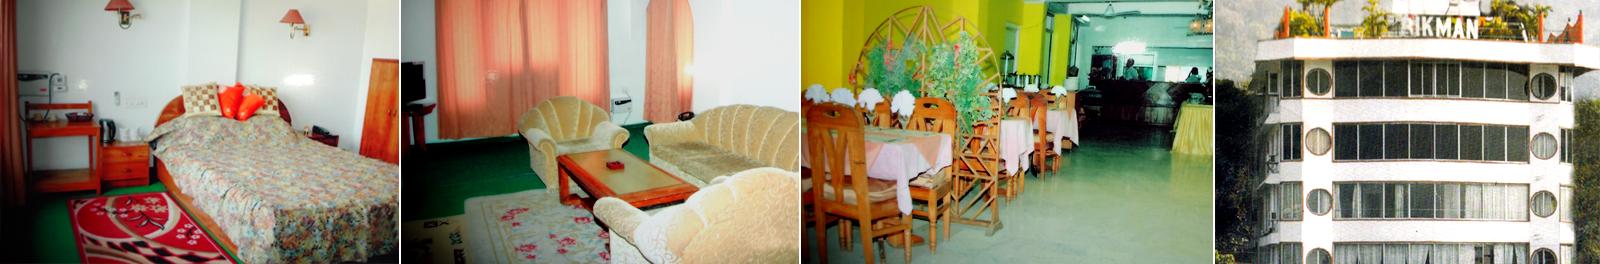 Rikman Accommodations Image